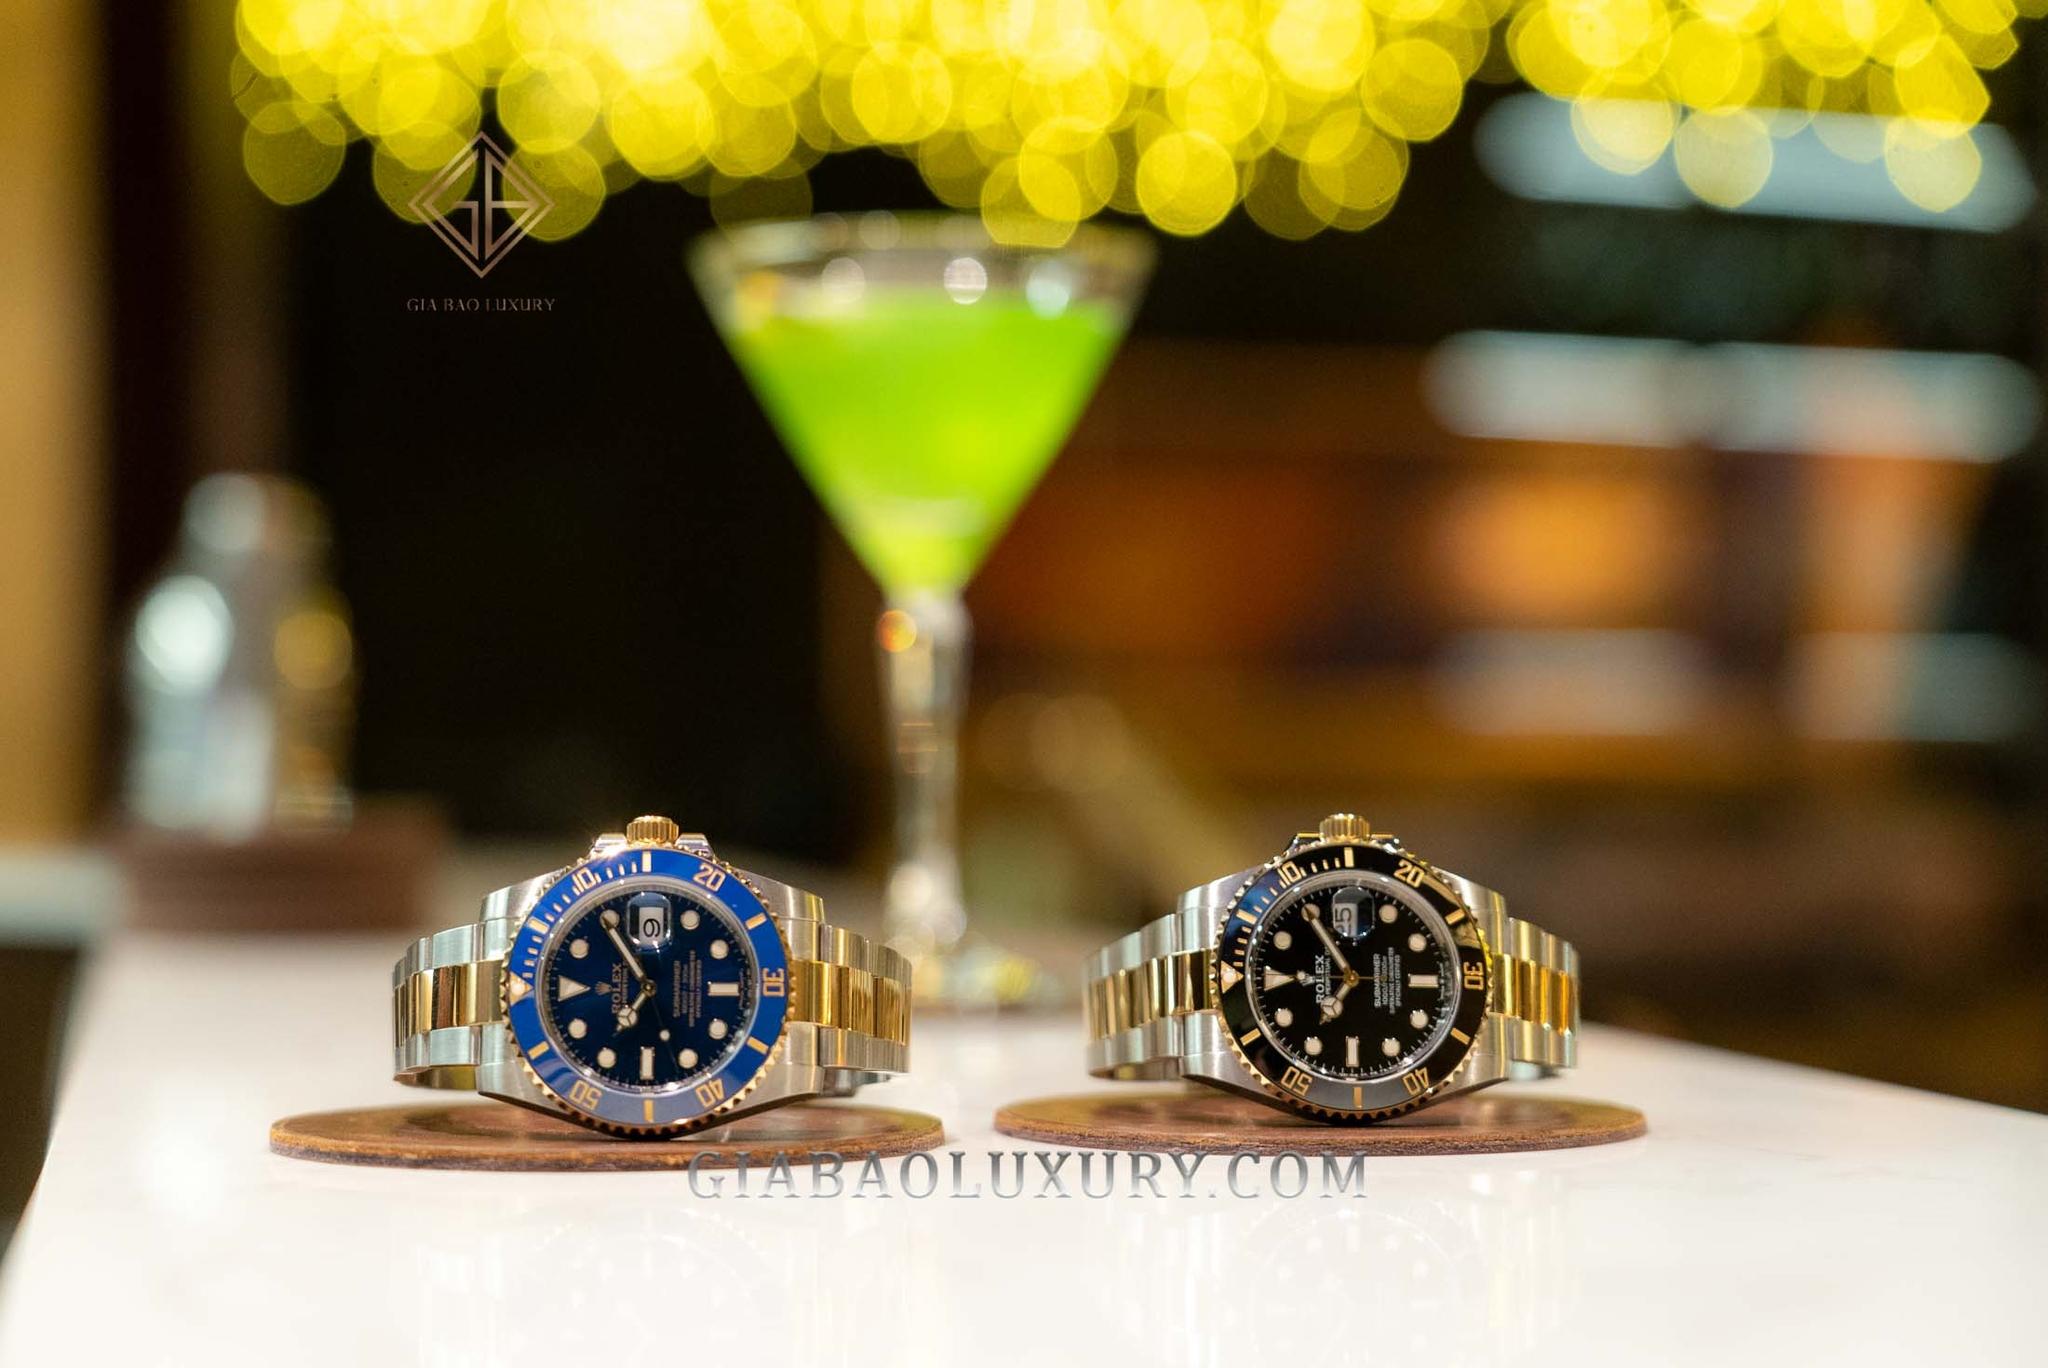 Đồng Hồ Rolex Submariner 126613LN Mặt Số Đen